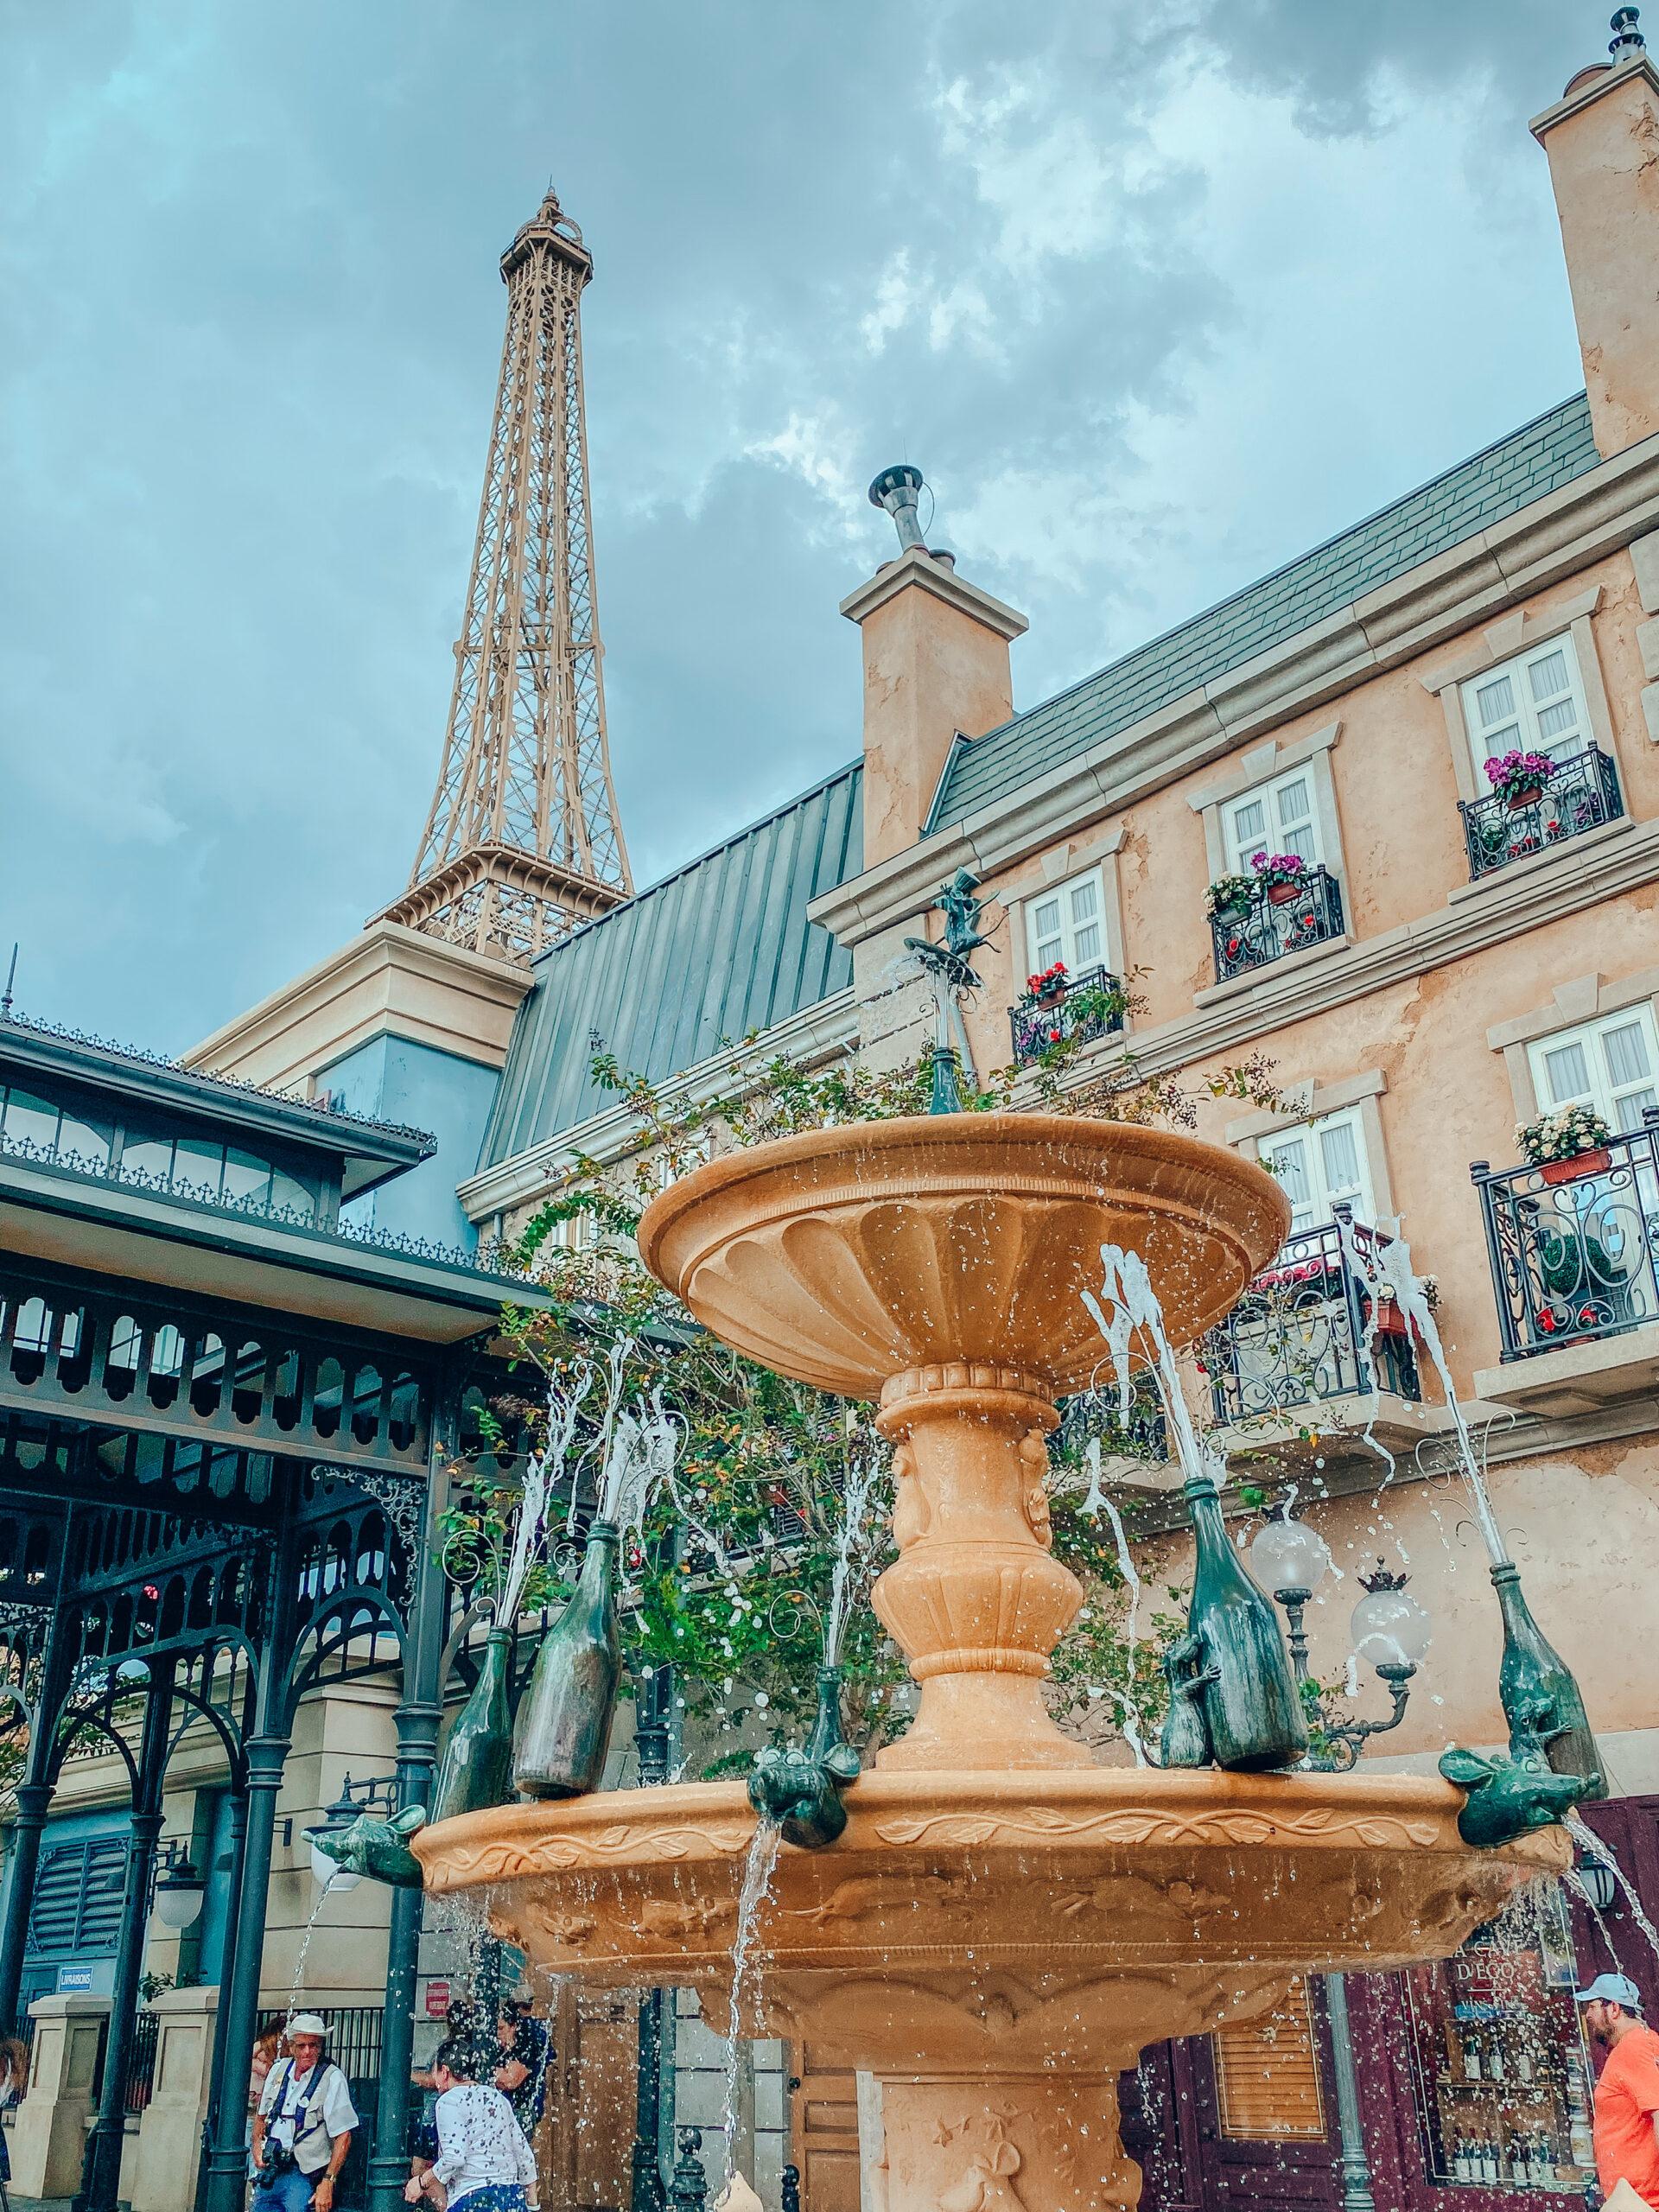 Remy's Ratatouille Adventure fountain